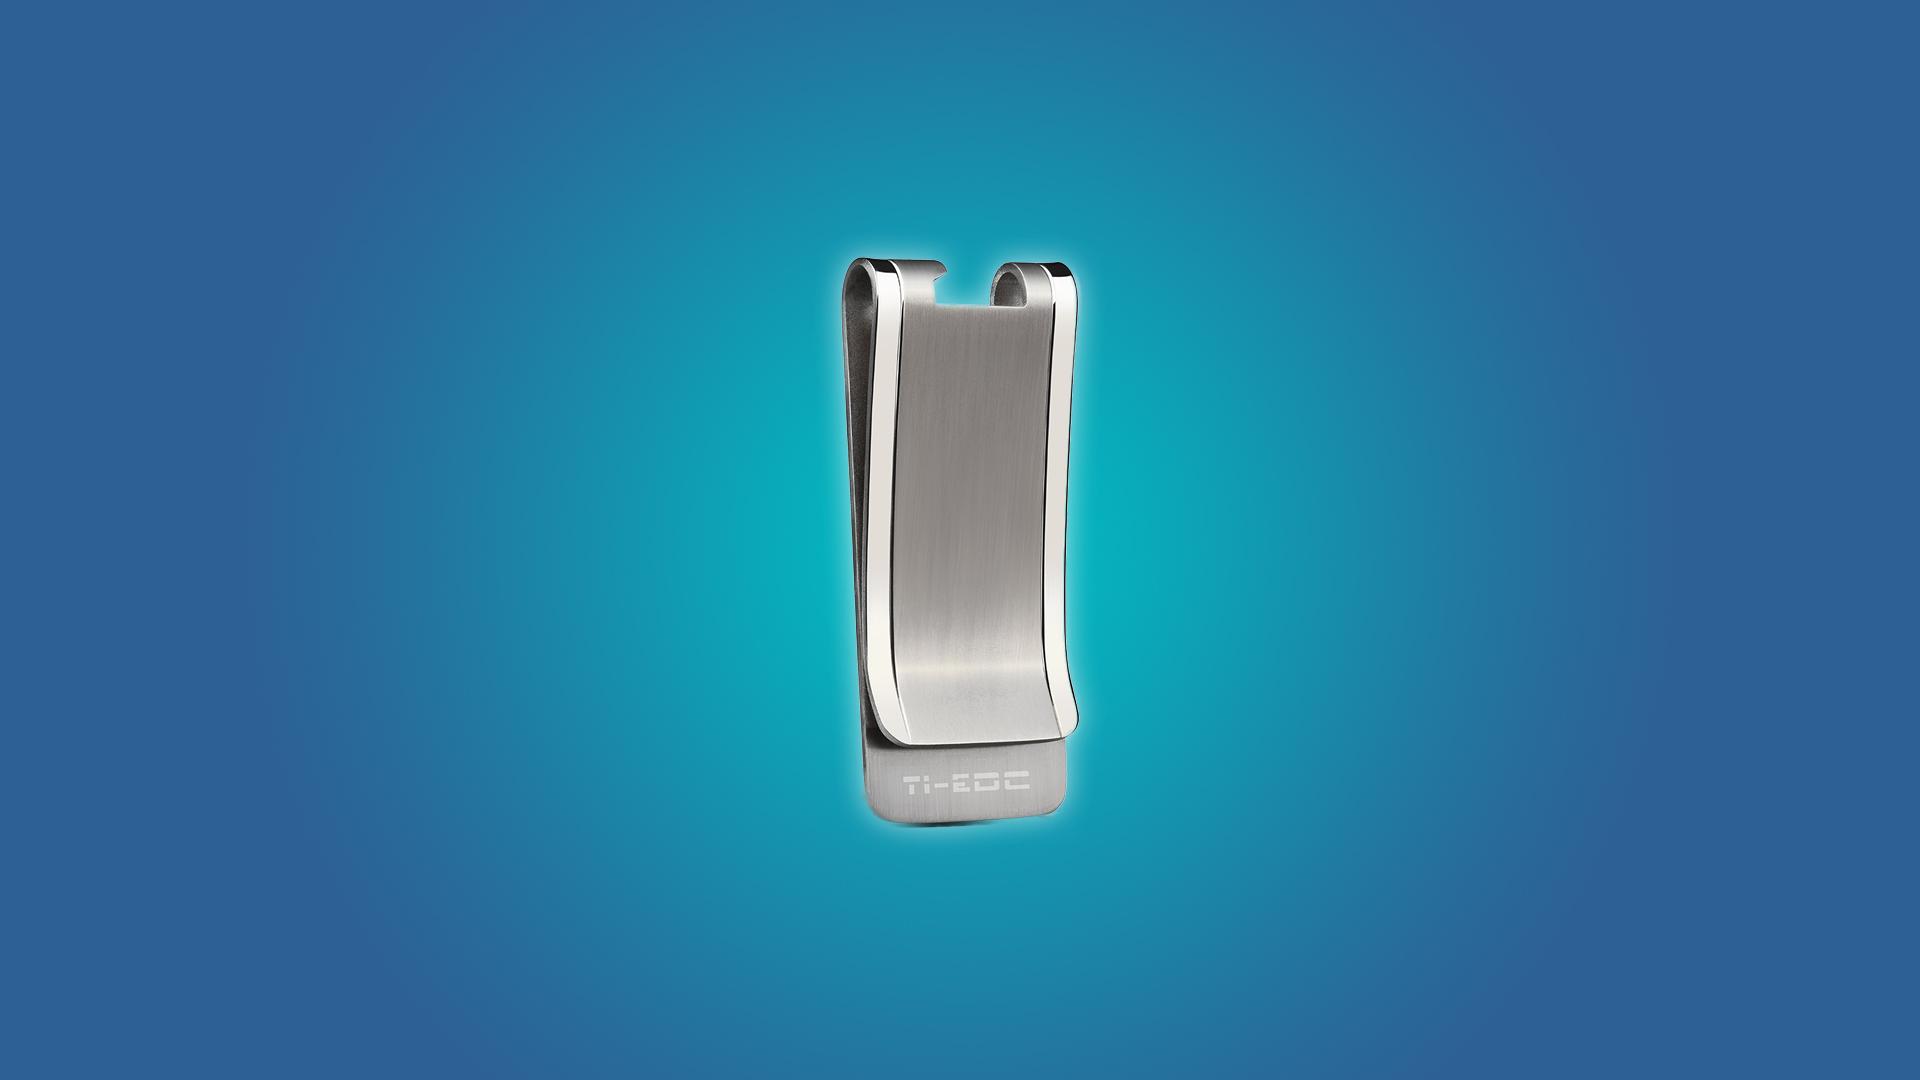 The TI-EDC Titanium Money Clip